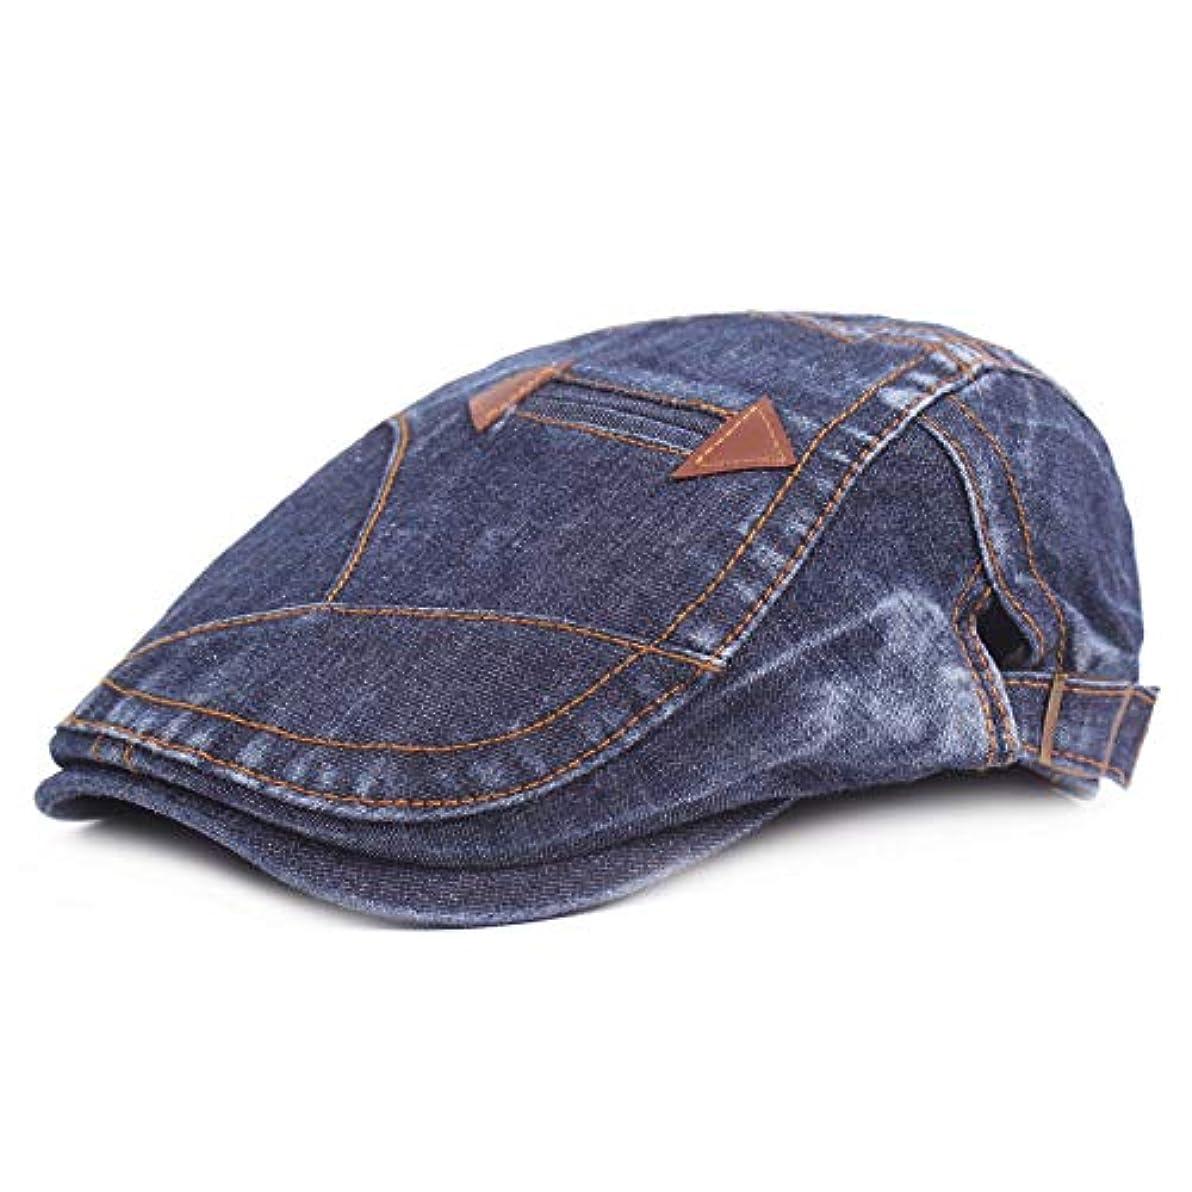 テンポ明らかに吹きさらしベレー帽 ユニセックス おしゃれ 綿 ハンチング帽子 紫外線対策調節可能 日よけ 帽子